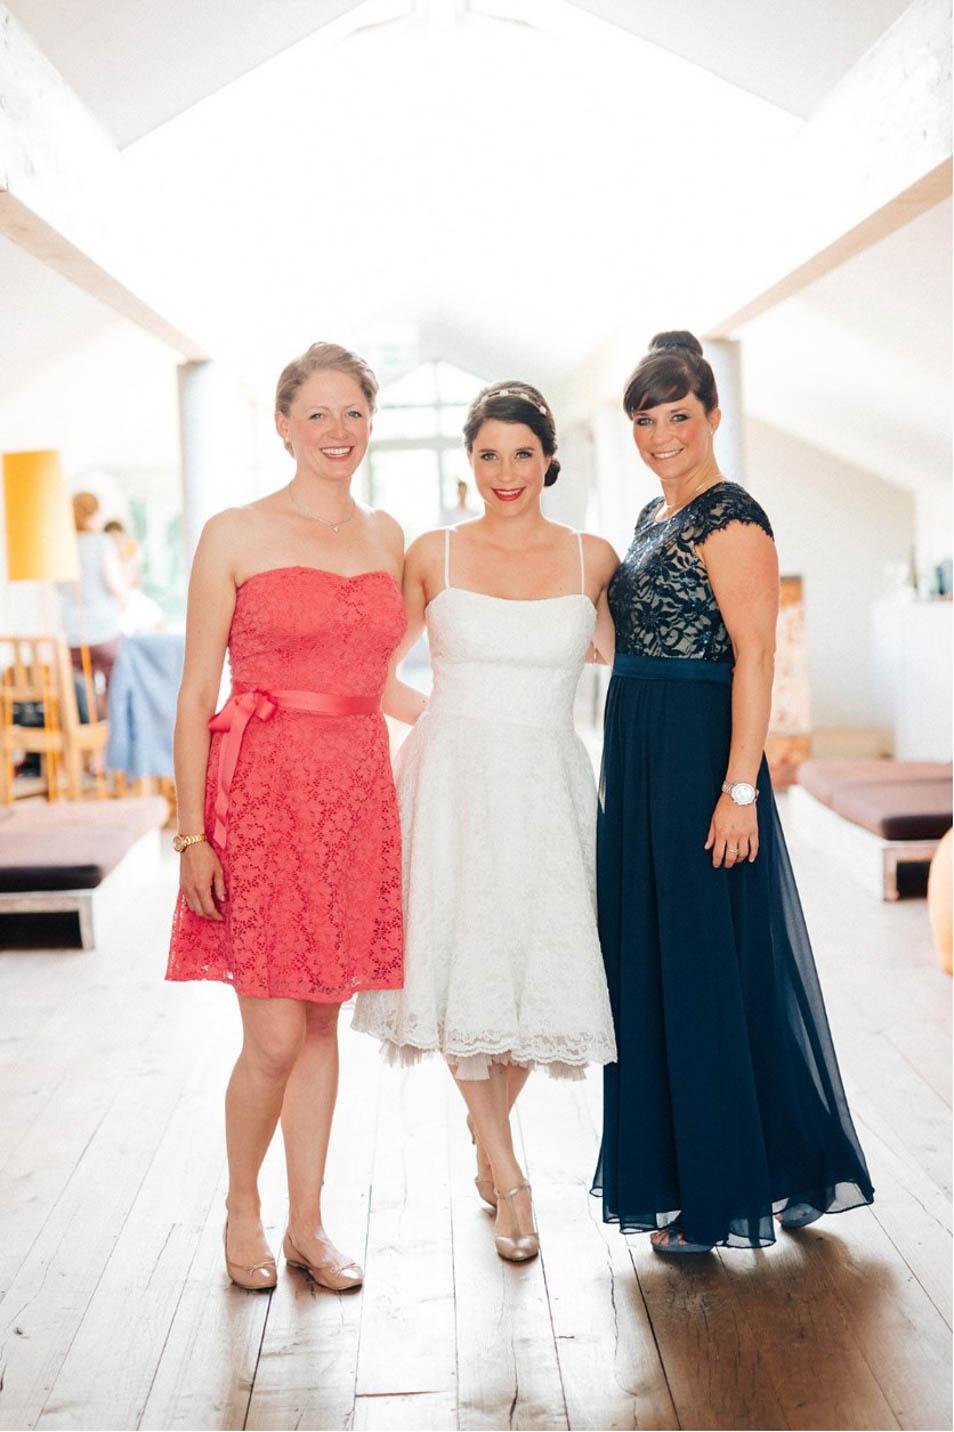 Bild mit Brautjungfern